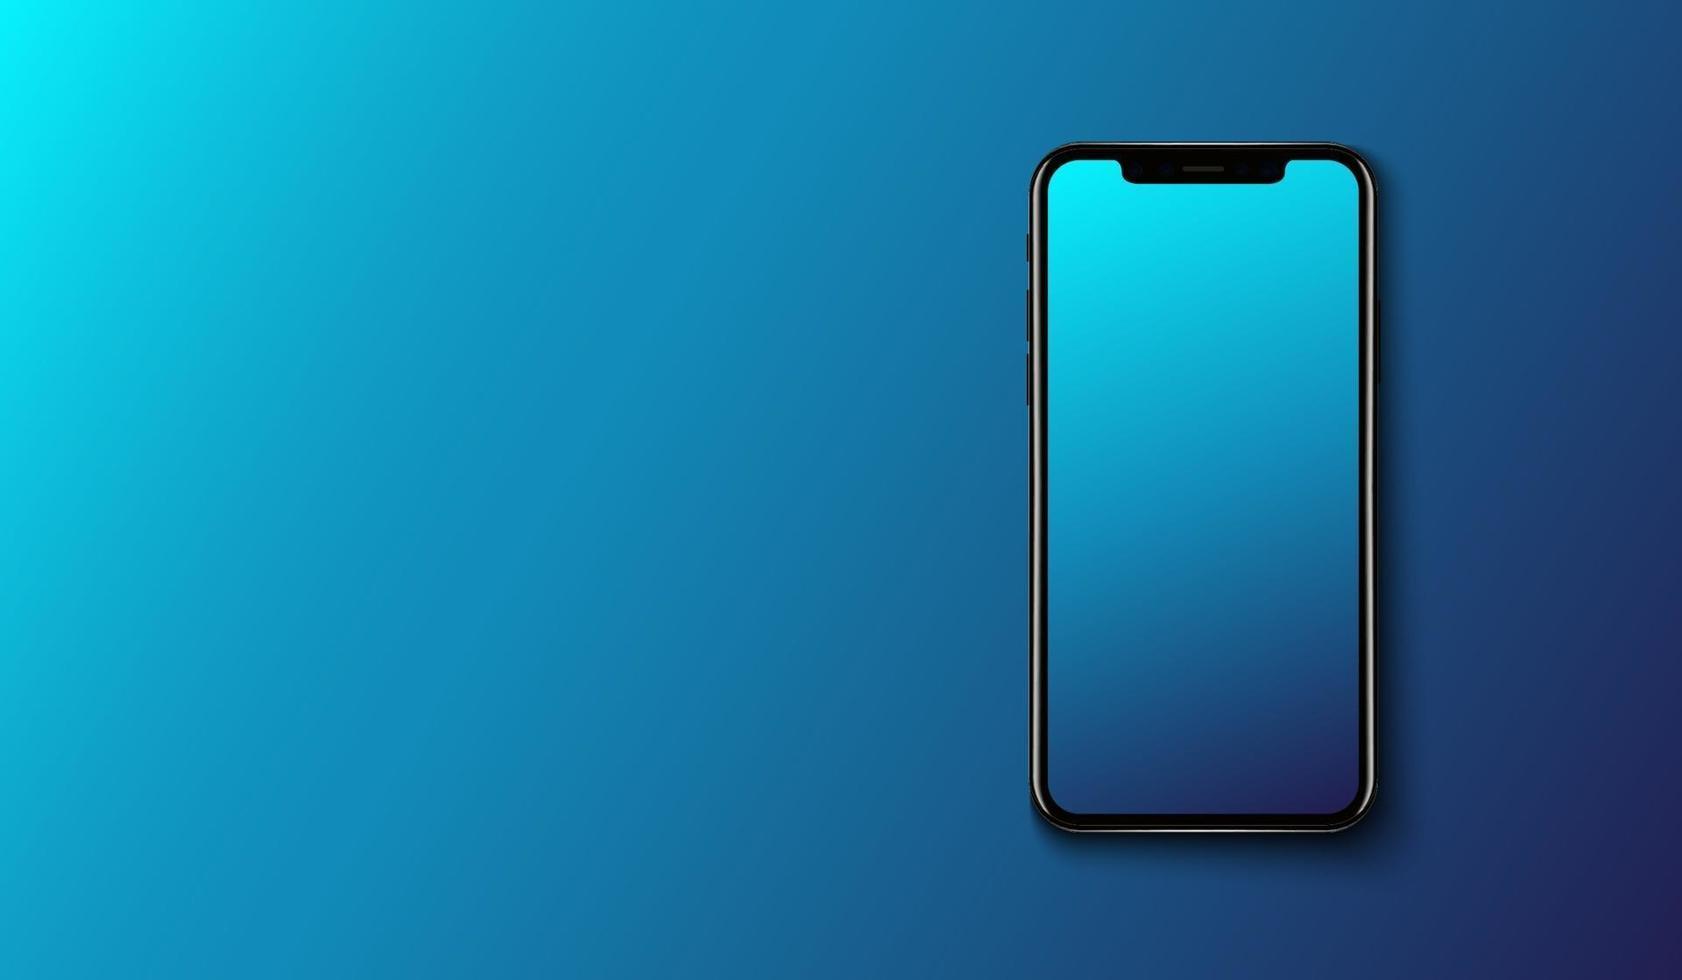 Smartphone auf glattem dunkelblauem Hintergrund, futuristisches Technologiedesign, Vektorillustration vektor